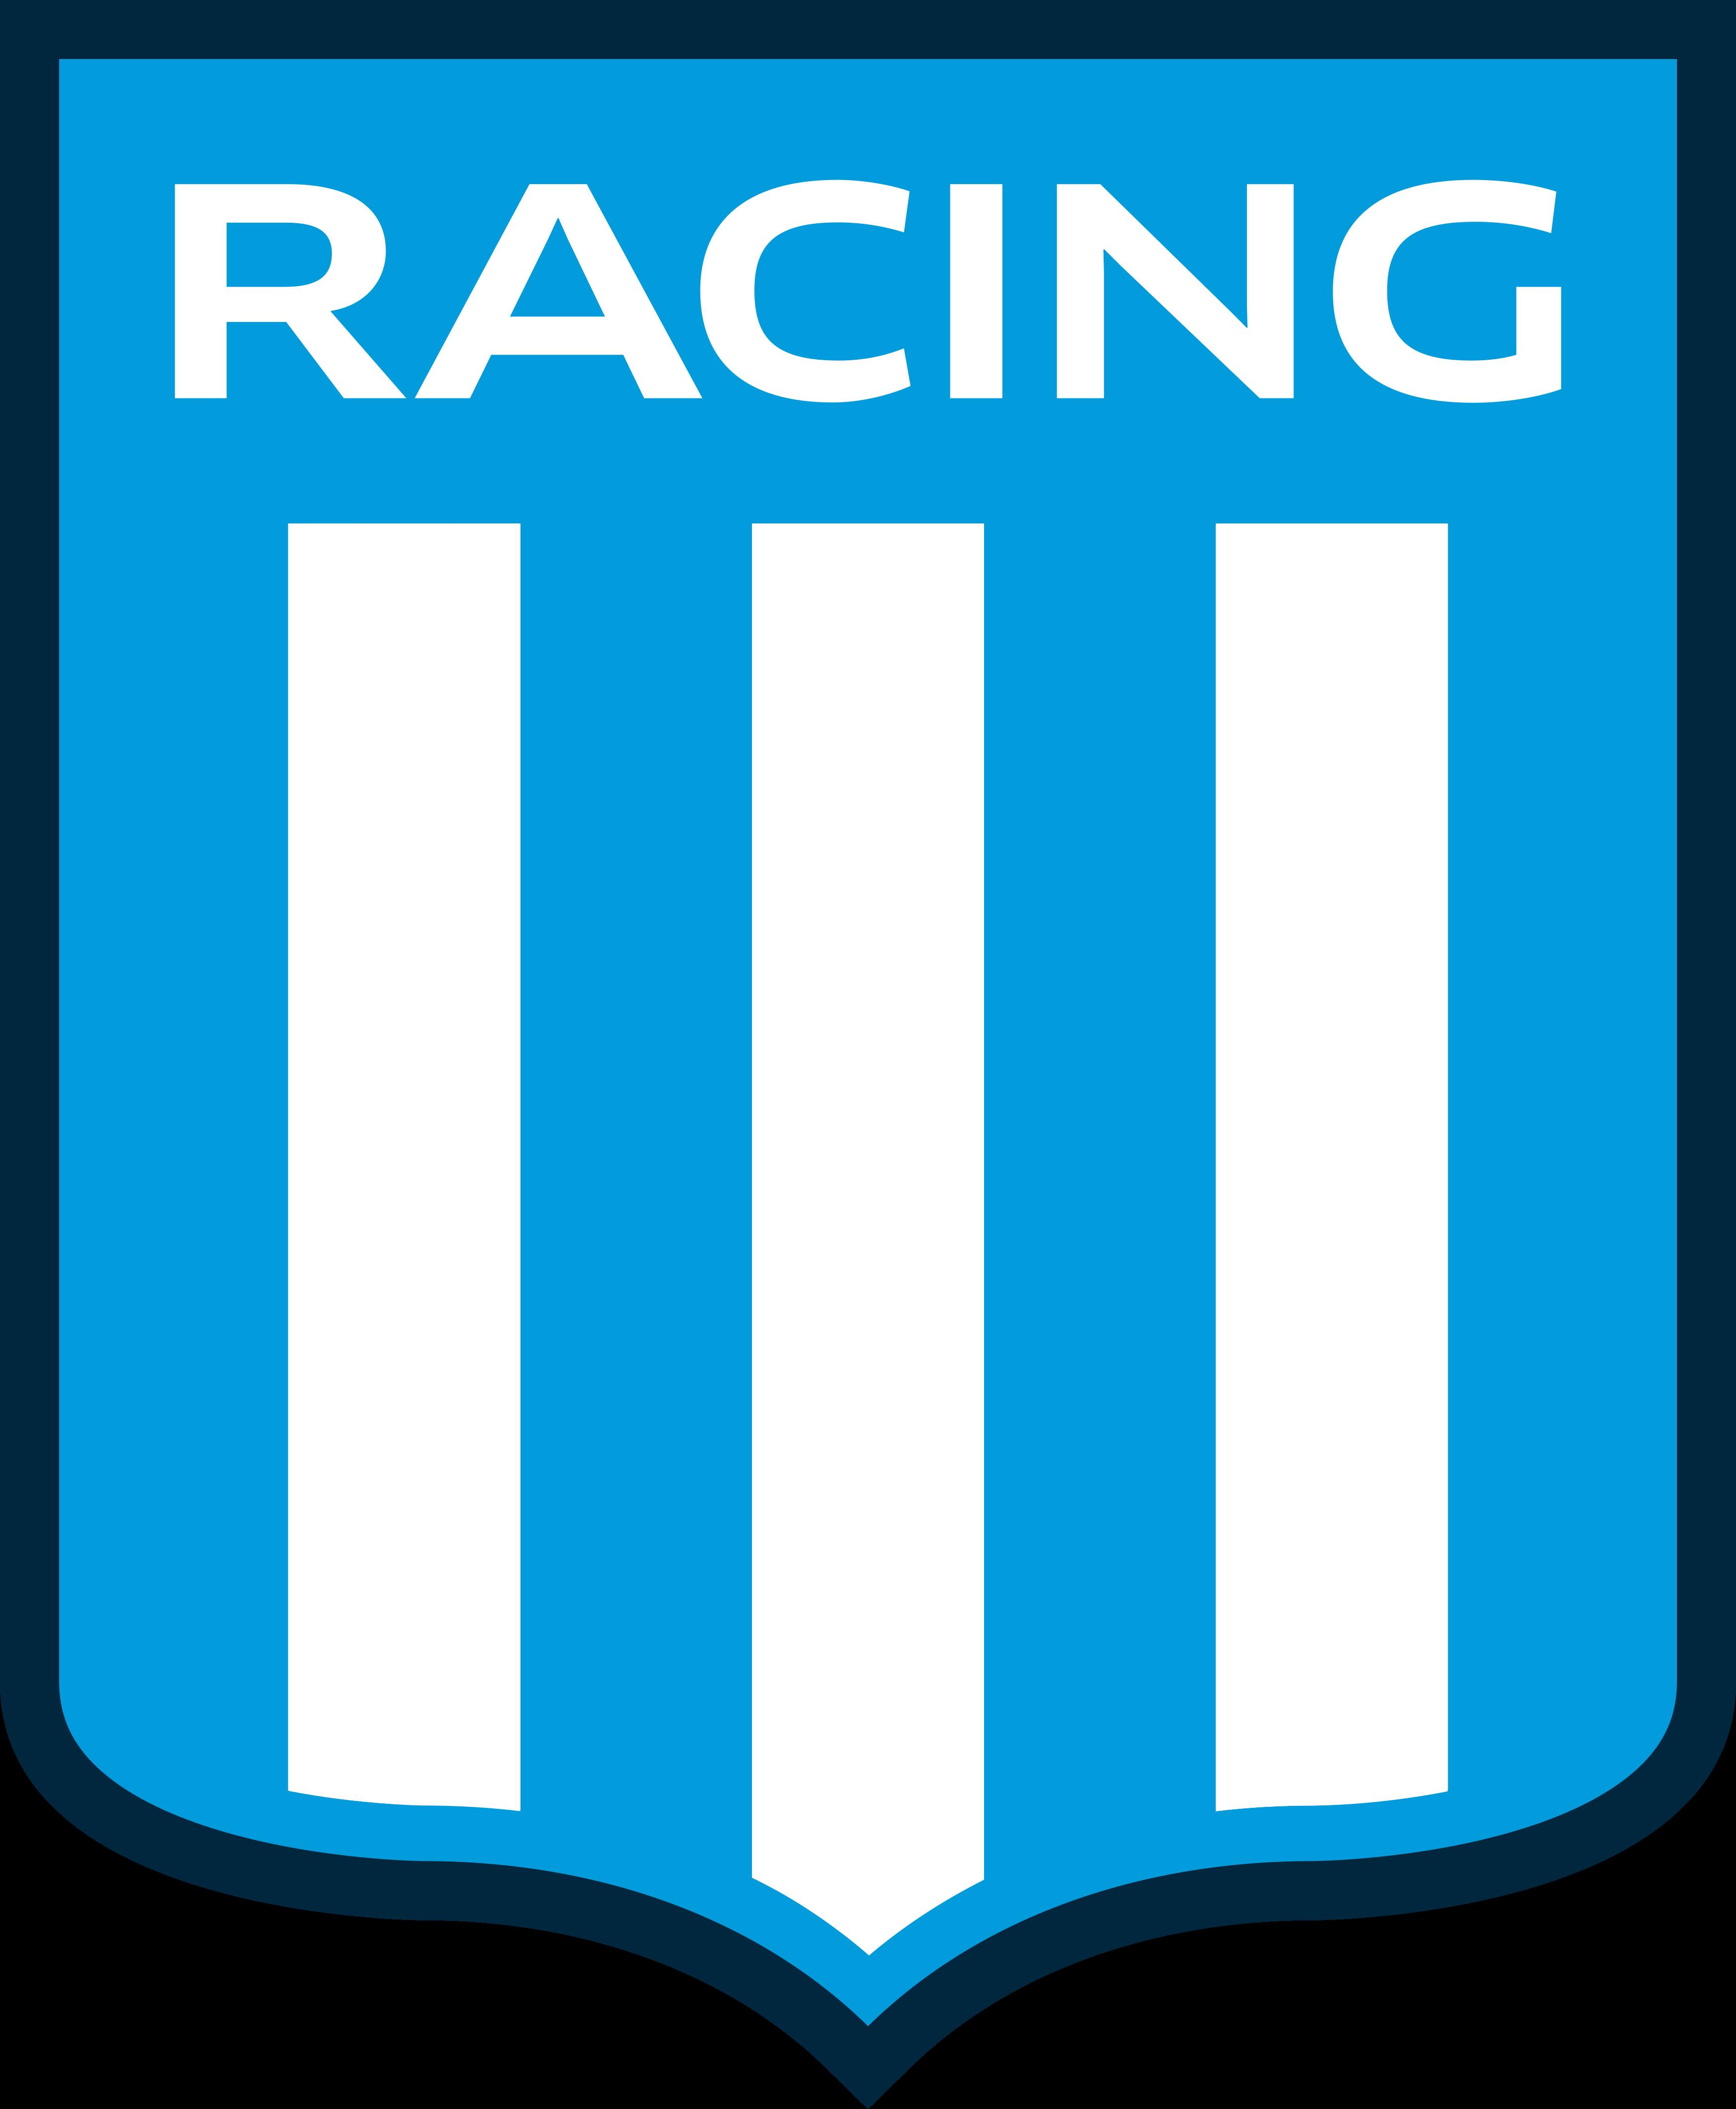 Resultado de imagen para racing logo png